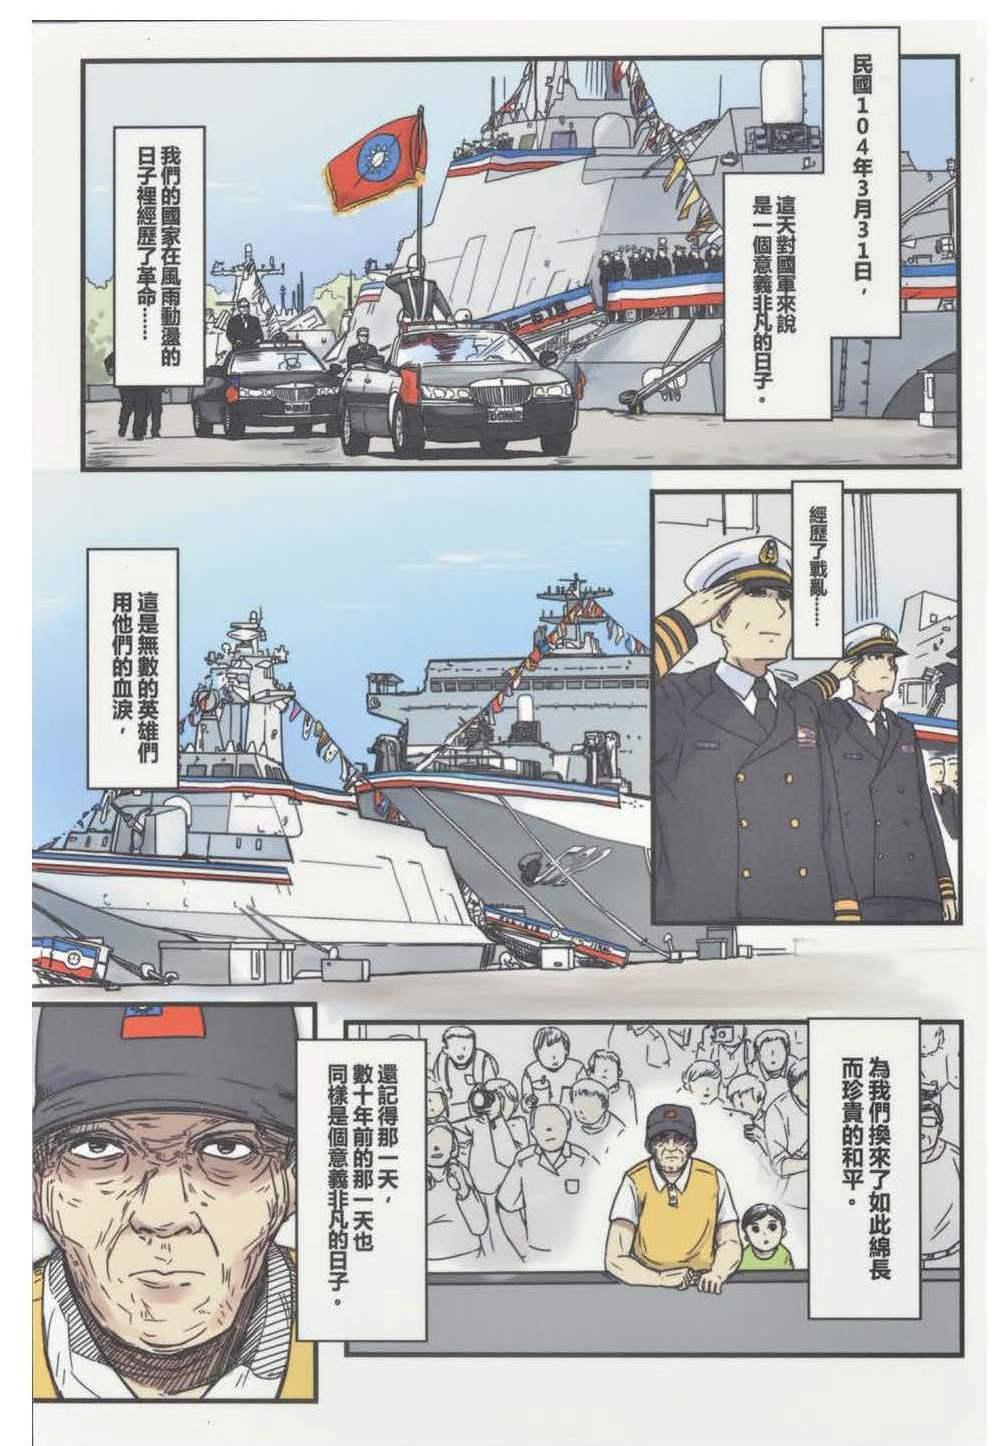 第50屆漫畫類金像獎作品_傳承2_張哲綱.jpg